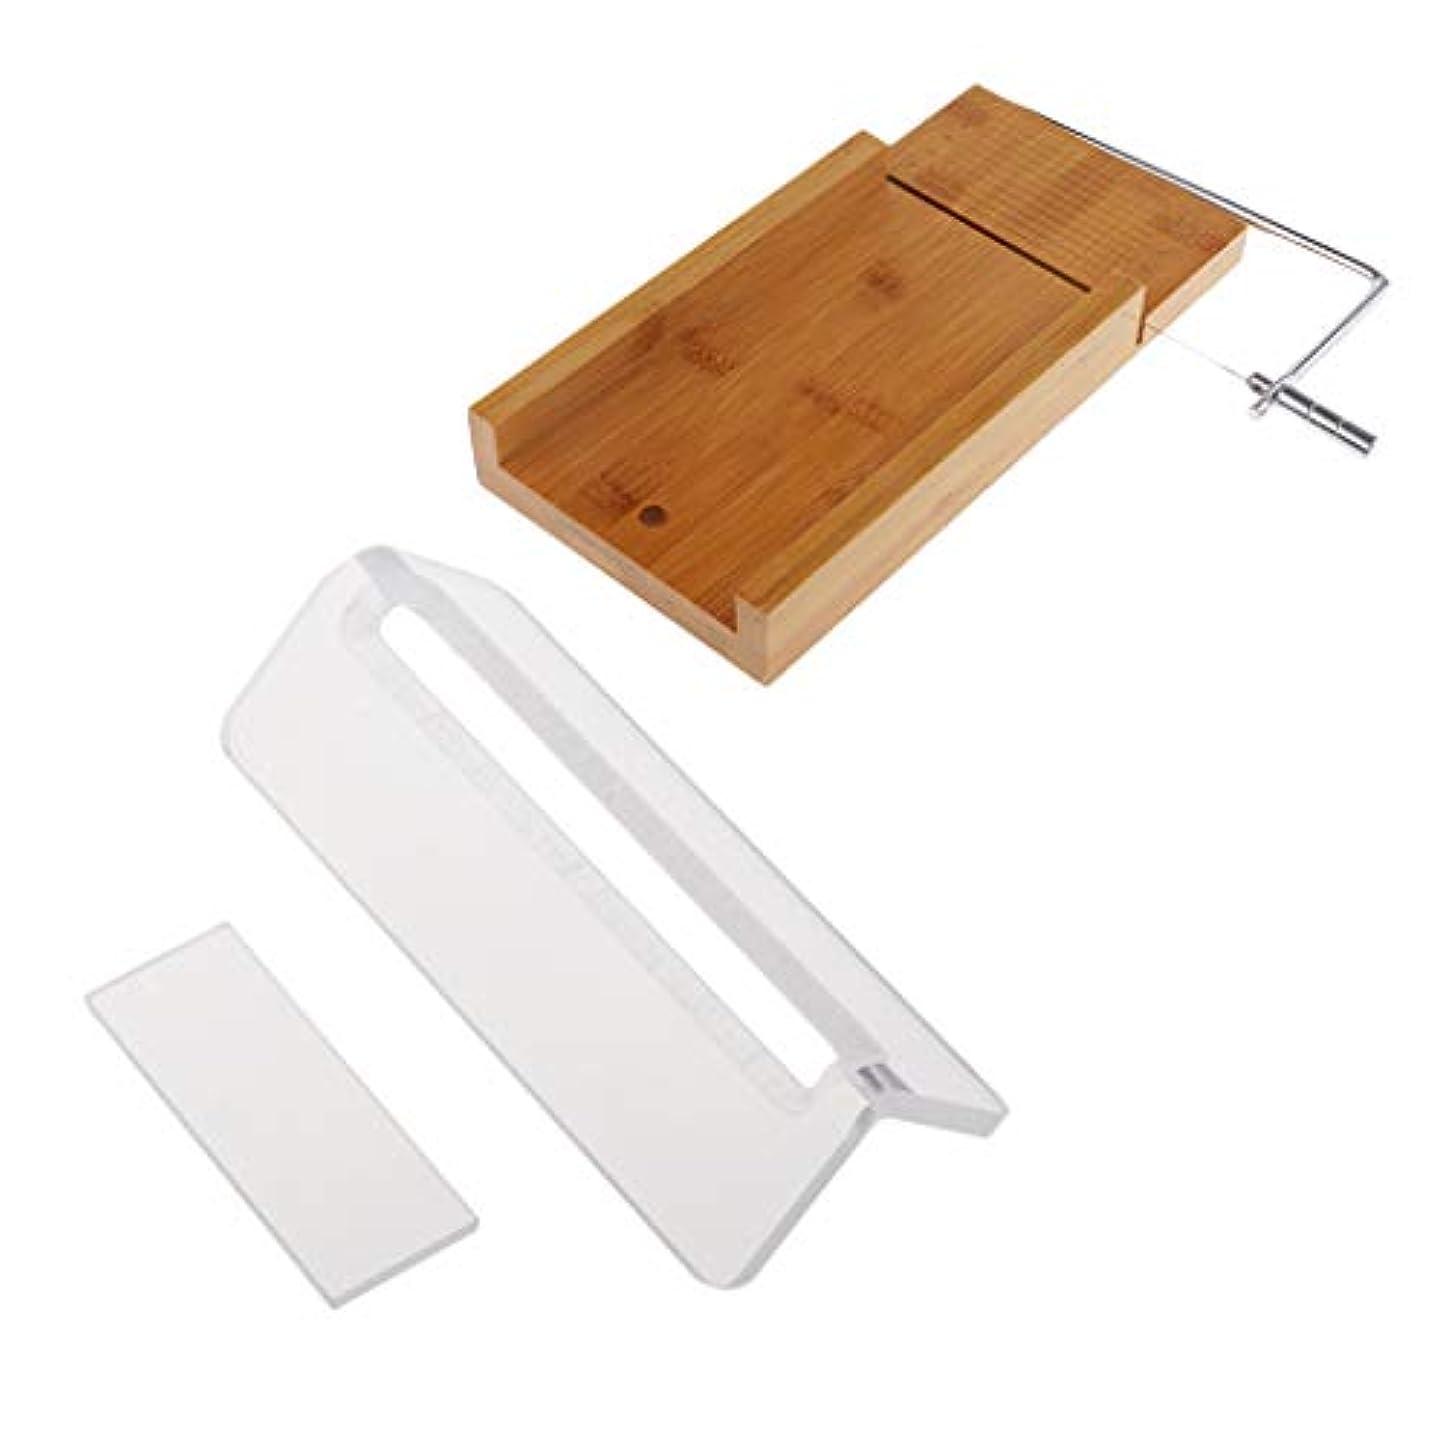 シンジケートスタッフ資本石鹸カッター 木製 ローフカッター チーズカッター ソープカッター ステンレス鋼線 2個入り